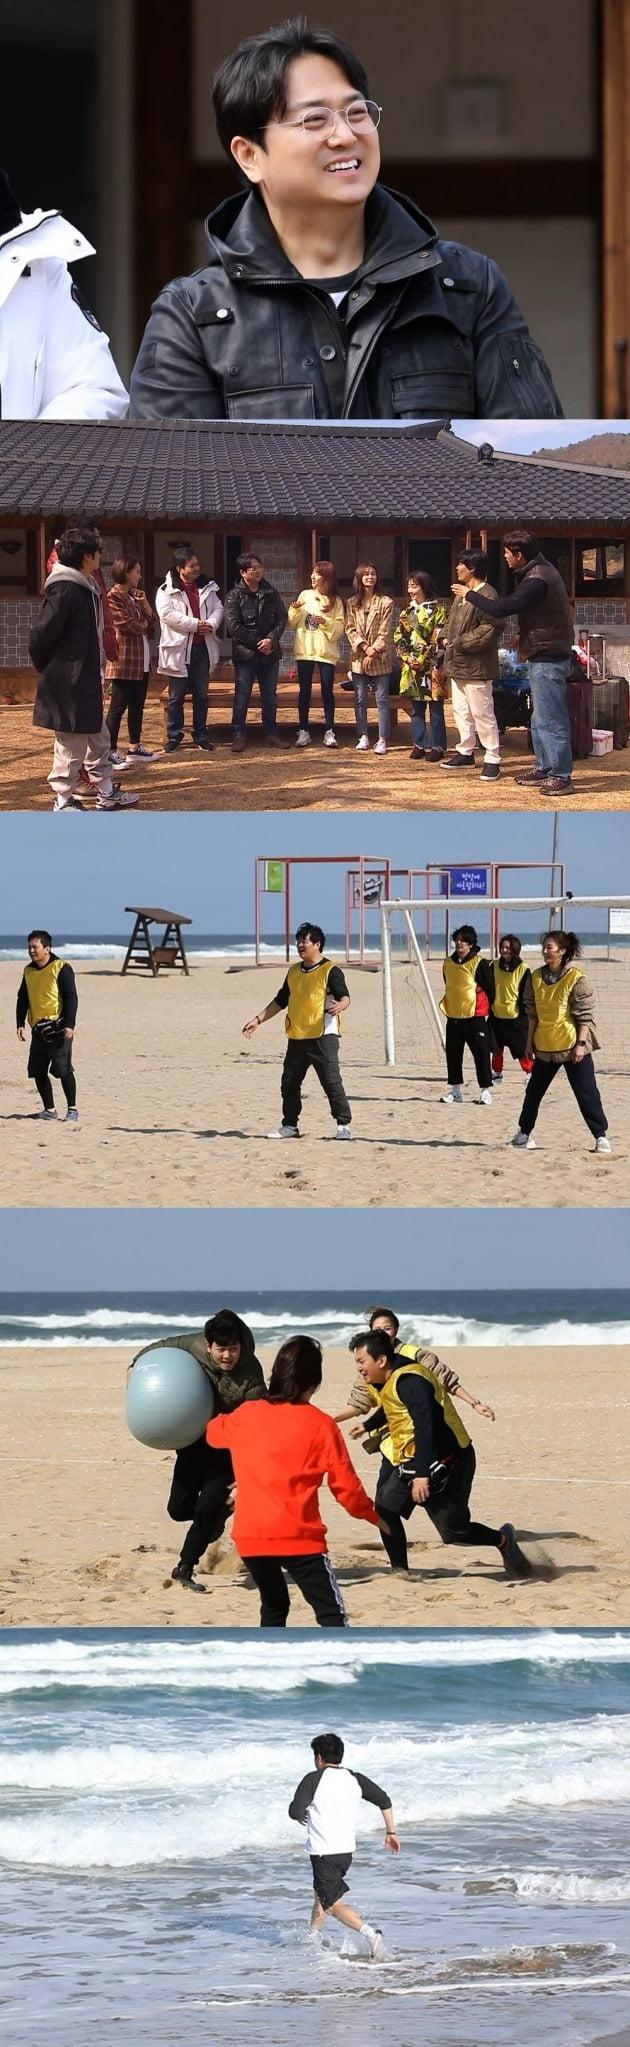 김찬우가 '불타는 청춘'에 출연한다. / 사진제공=SBS